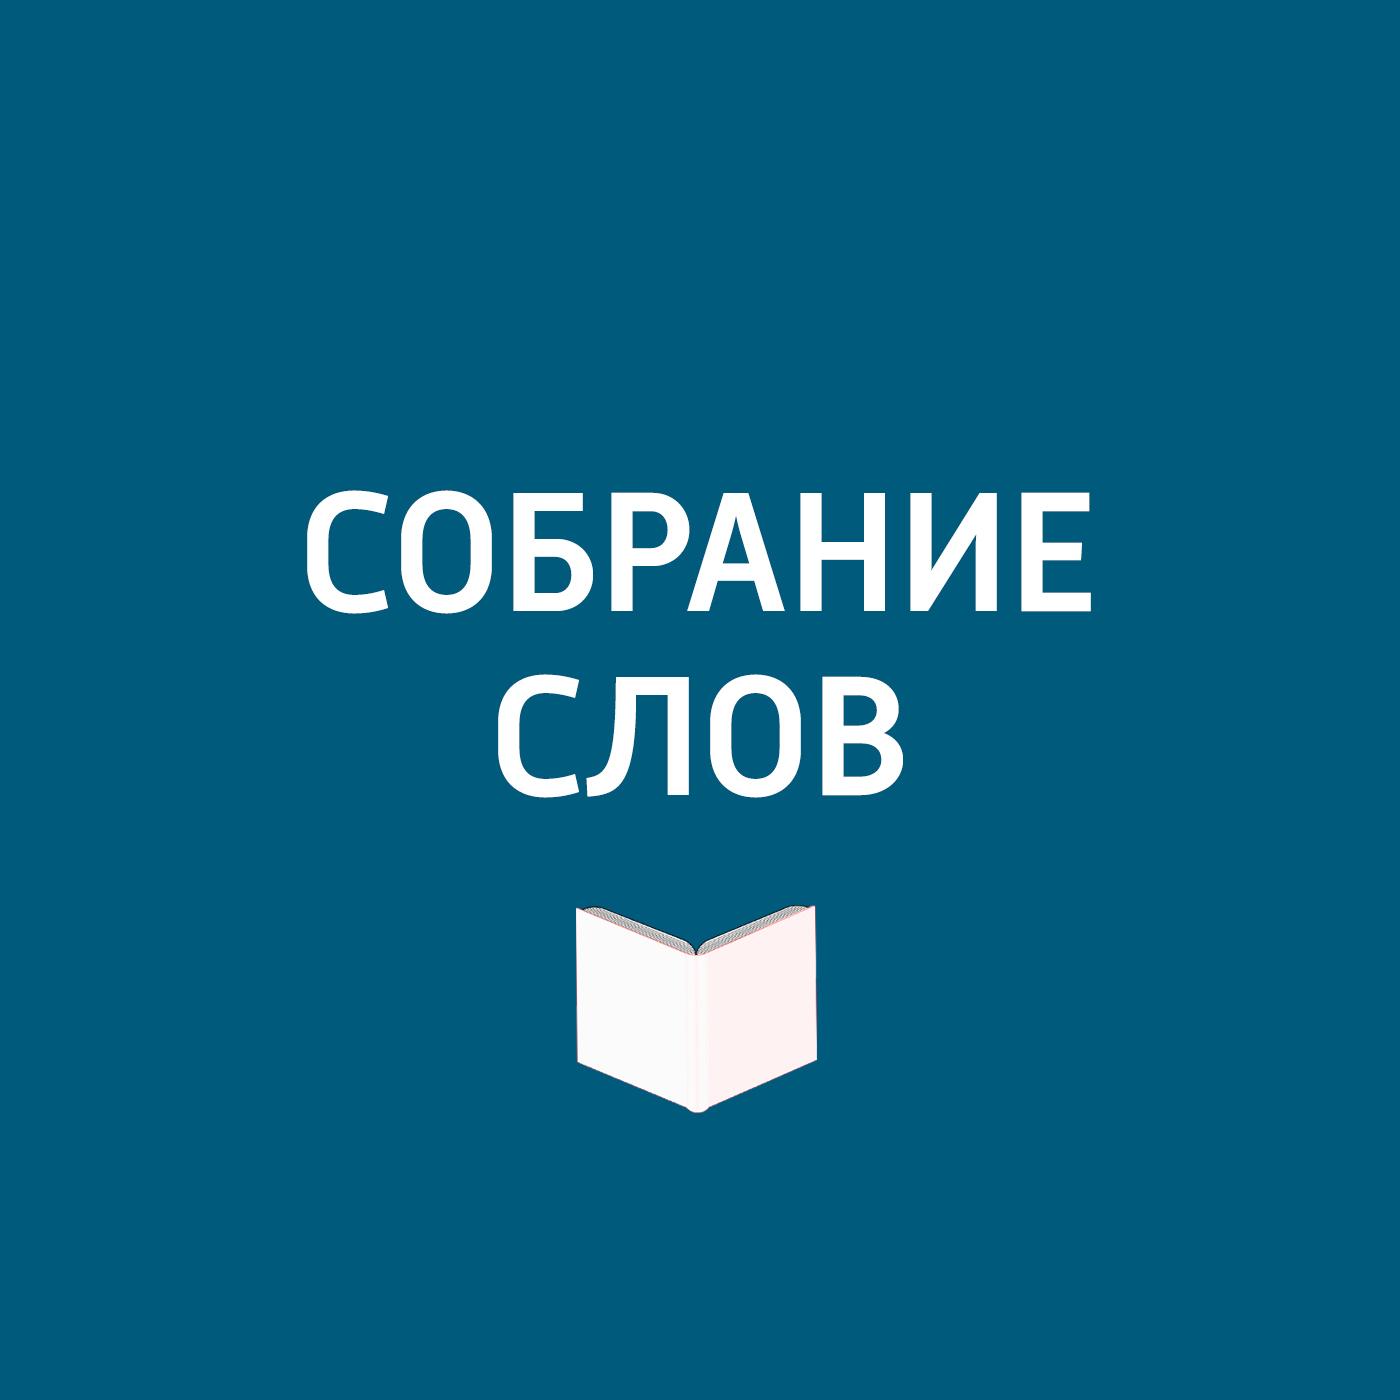 Творческий коллектив программы «Собрание слов» Большое интервью Семёна Шустера